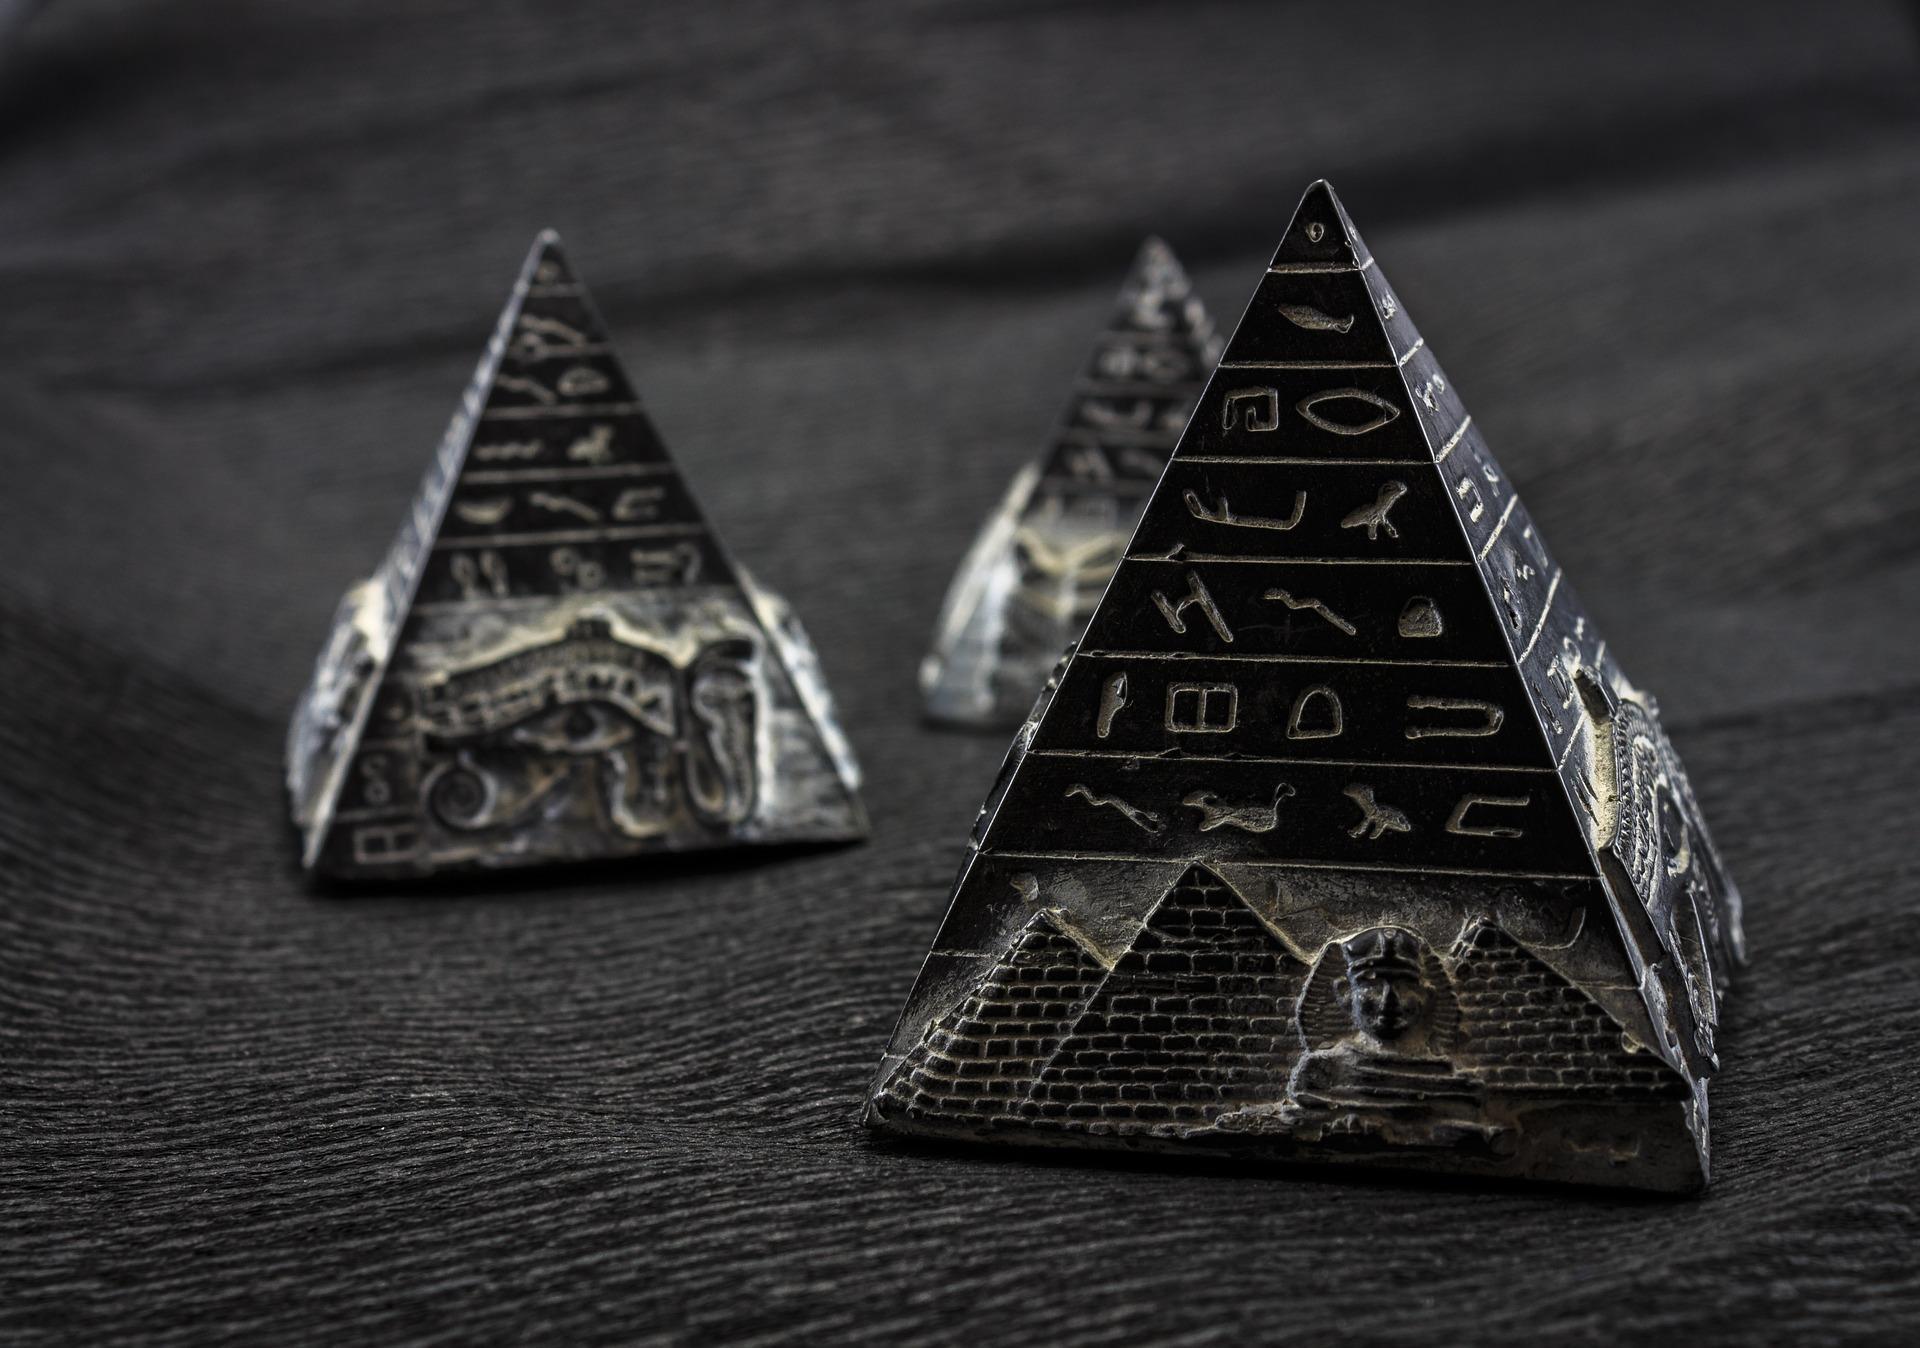 Le Manifeste de la Pyramide Noire